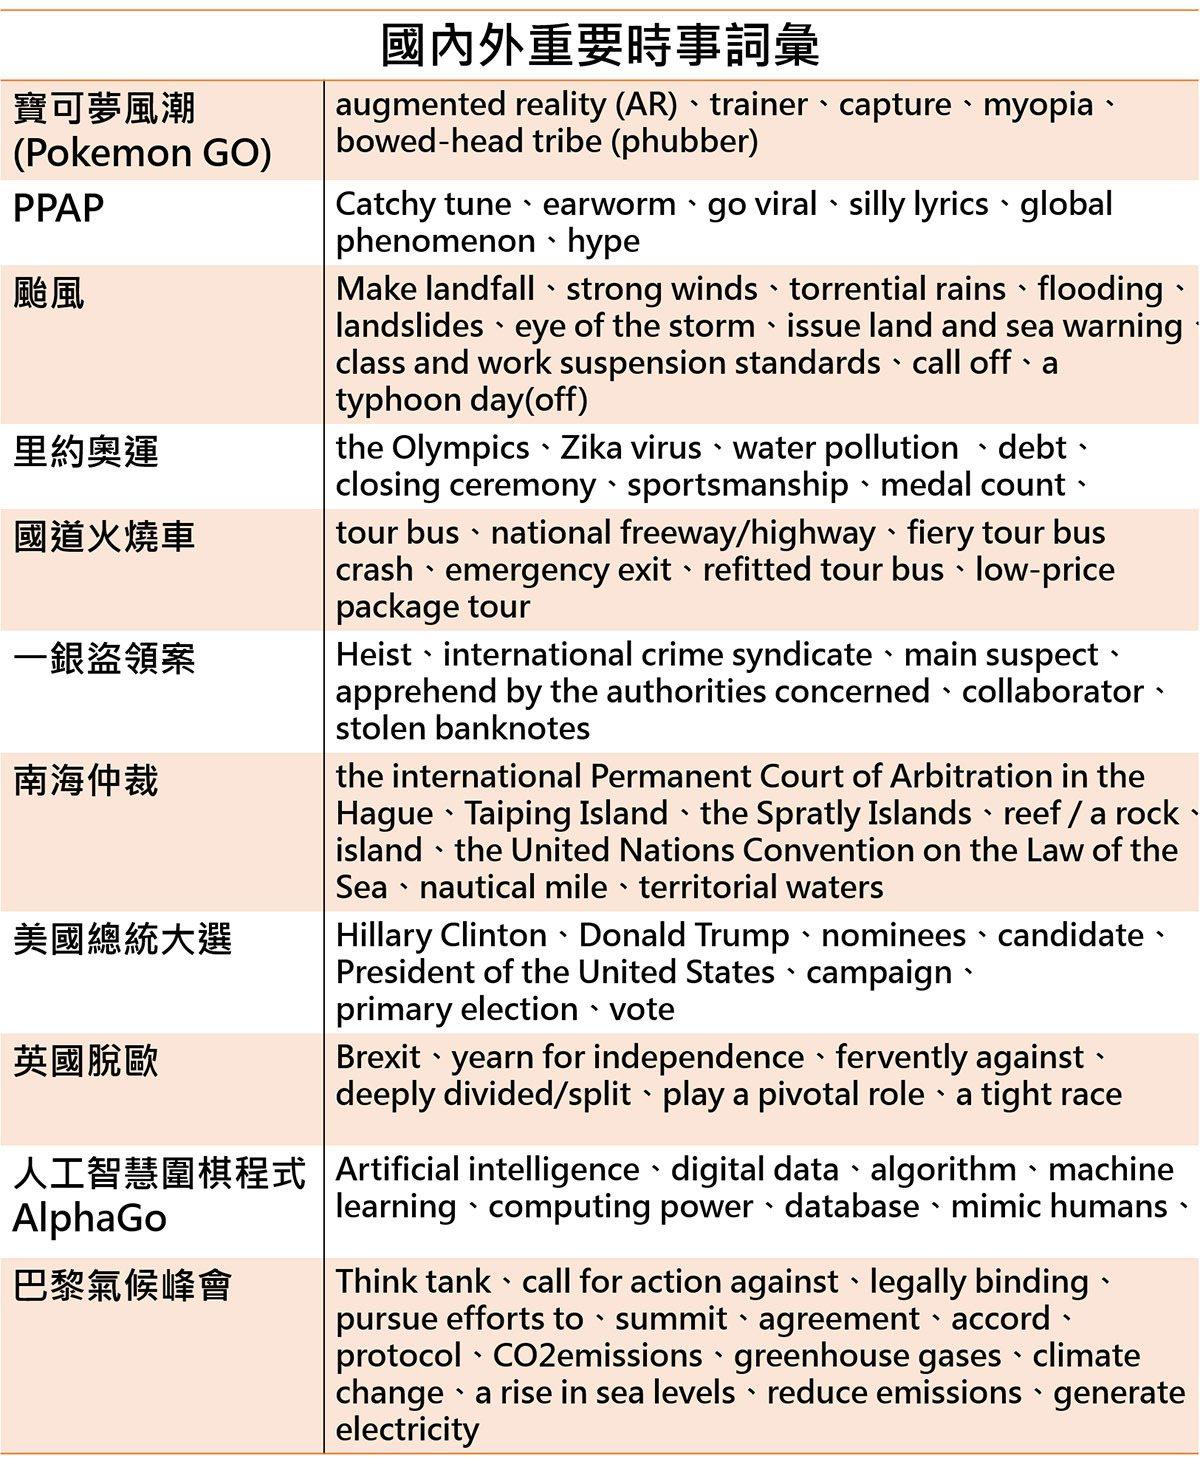 國表裏主要時事辭彙/studybank提供